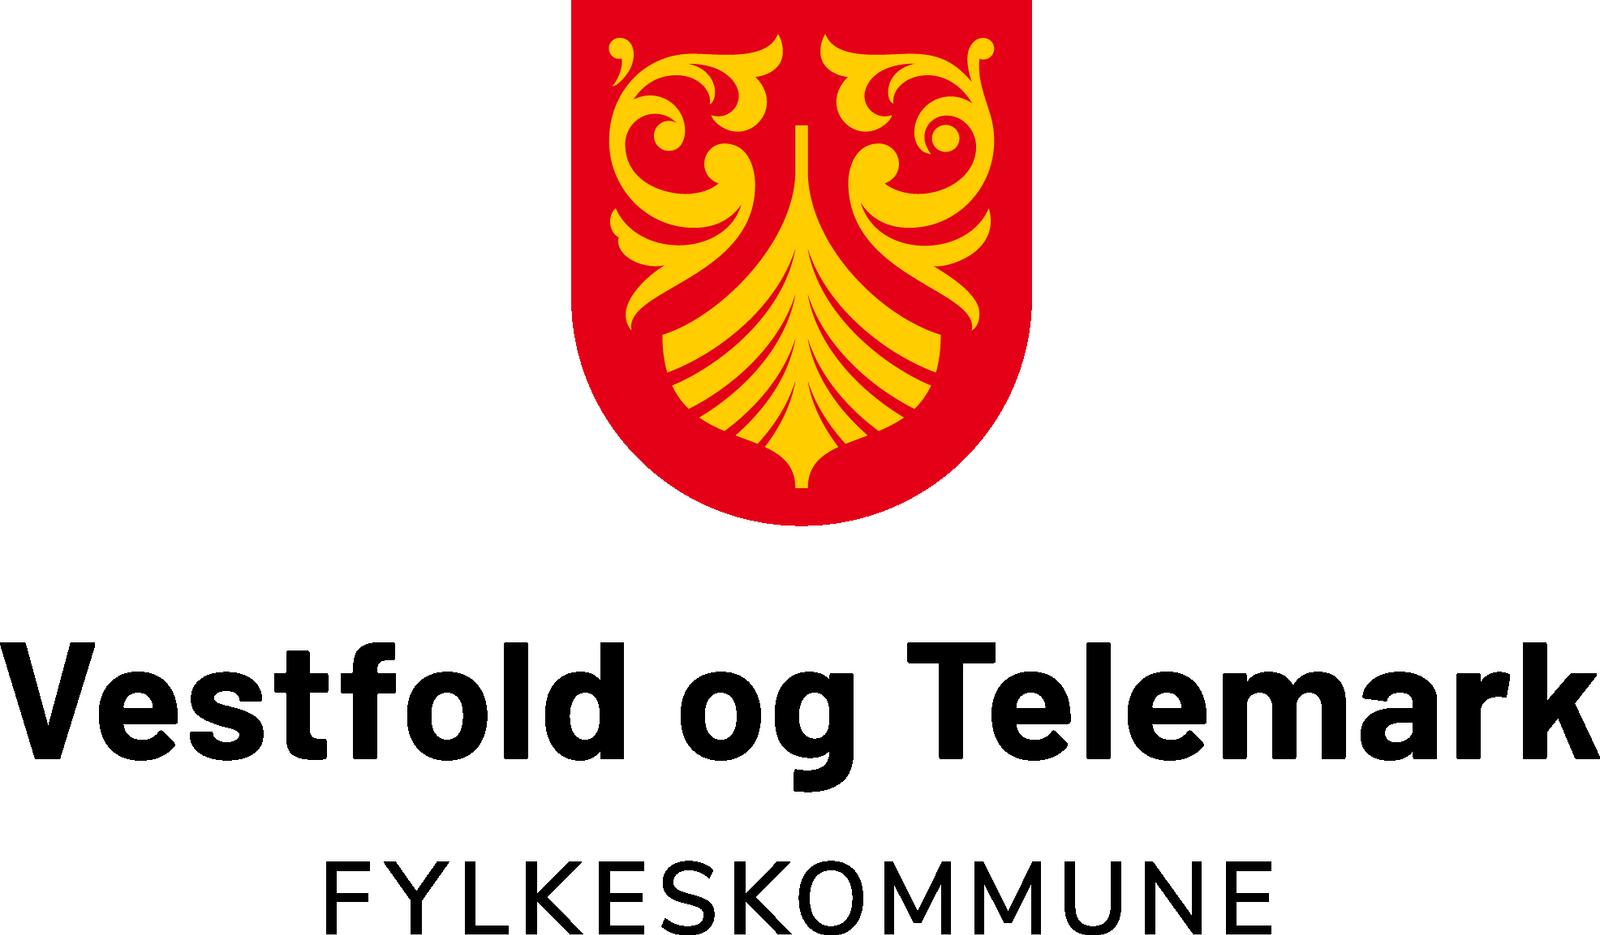 Vestfold og Telemark Fylkeskommune